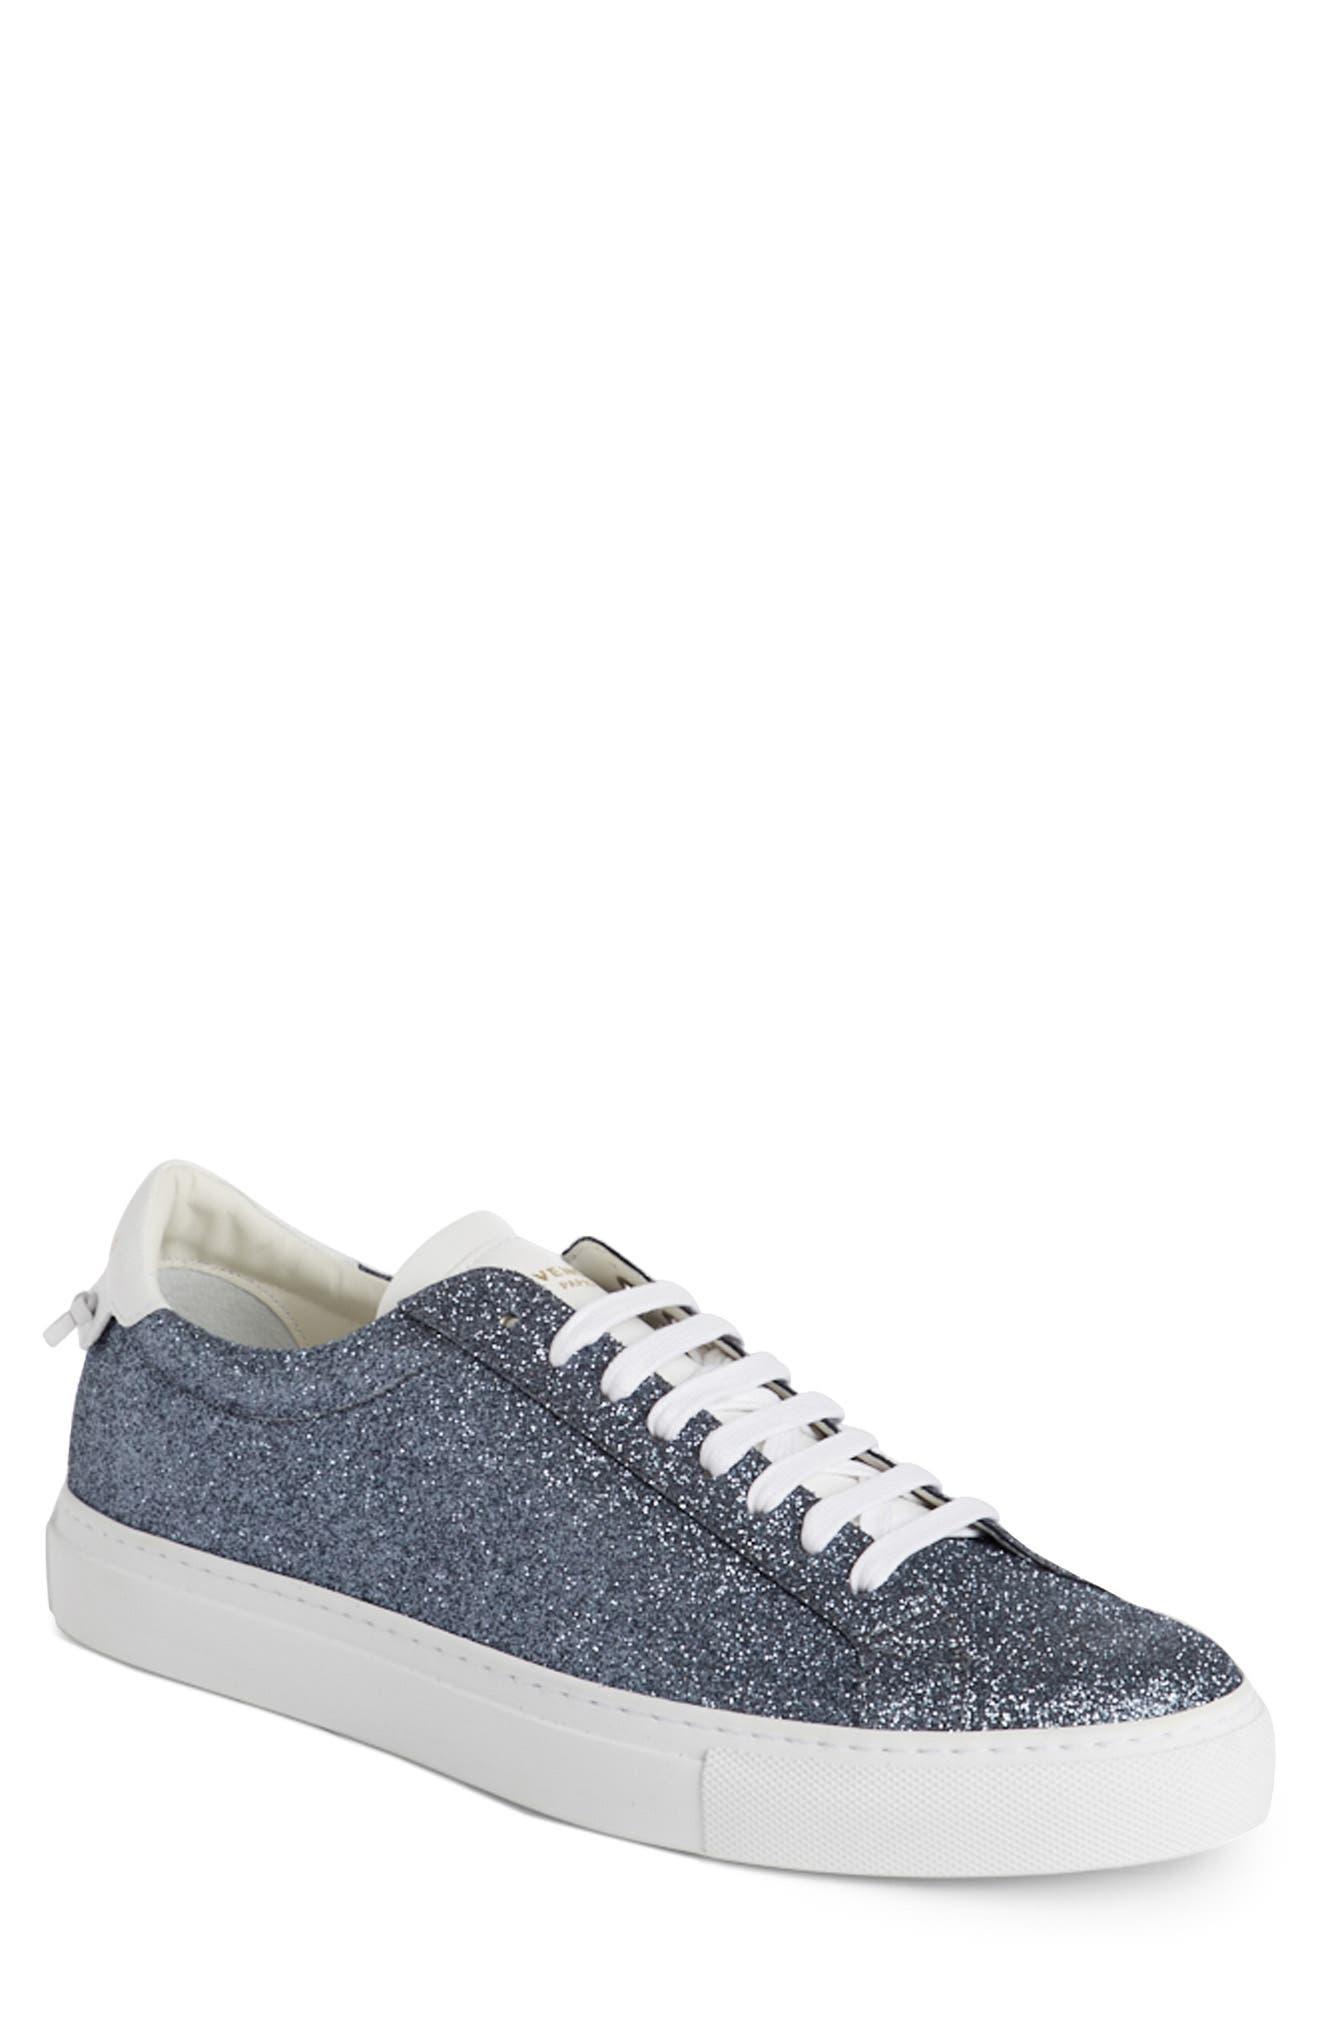 Urban Knots Glitter Sneaker,                         Main,                         color, 020